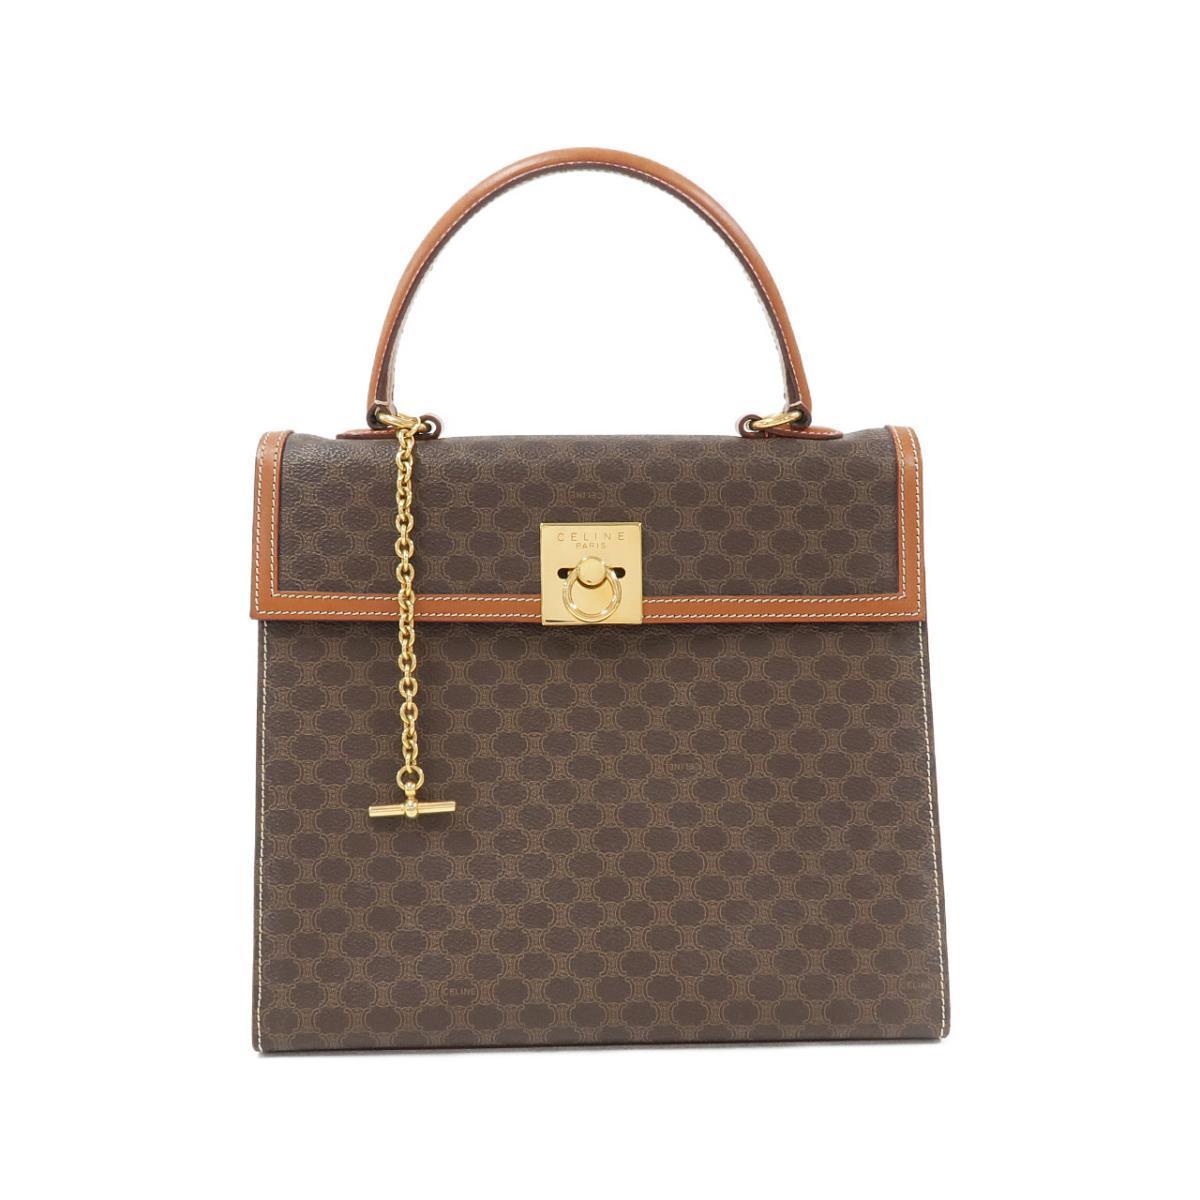 オールドセリーヌのハンドバッグ